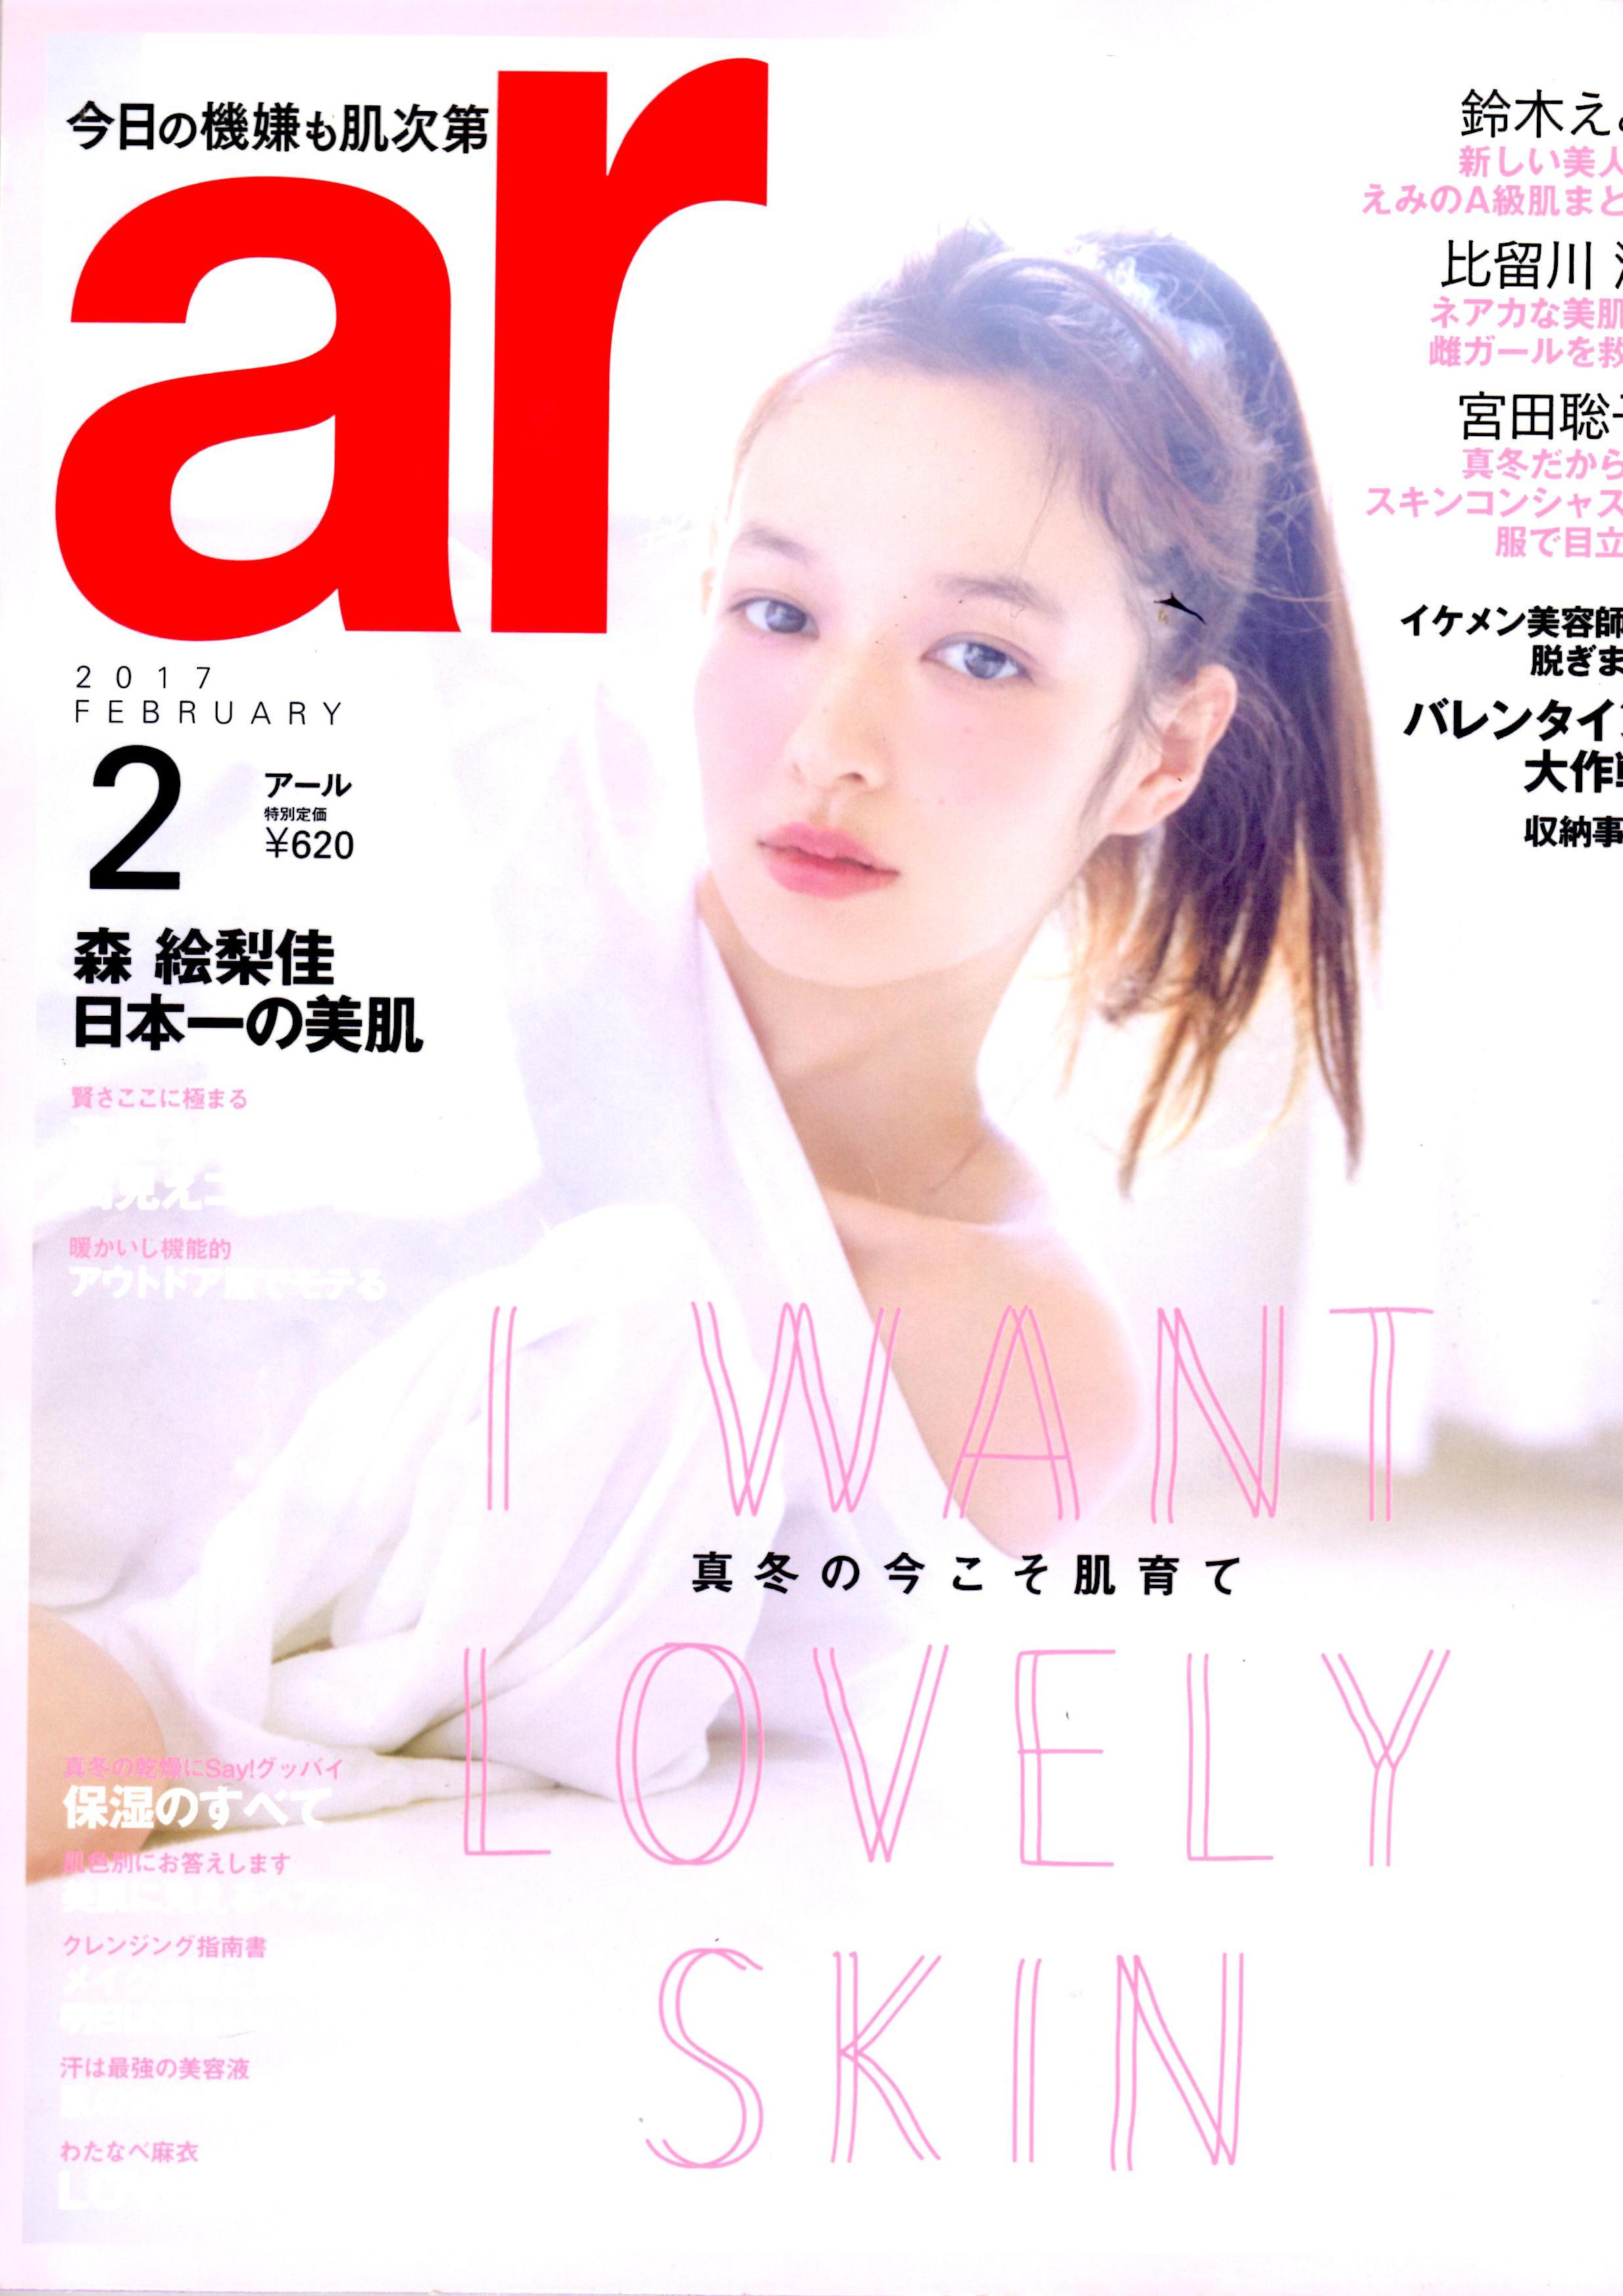 ar 2017.2 FEBRUARY  に本店 小此木 佐知子掲載せれました。